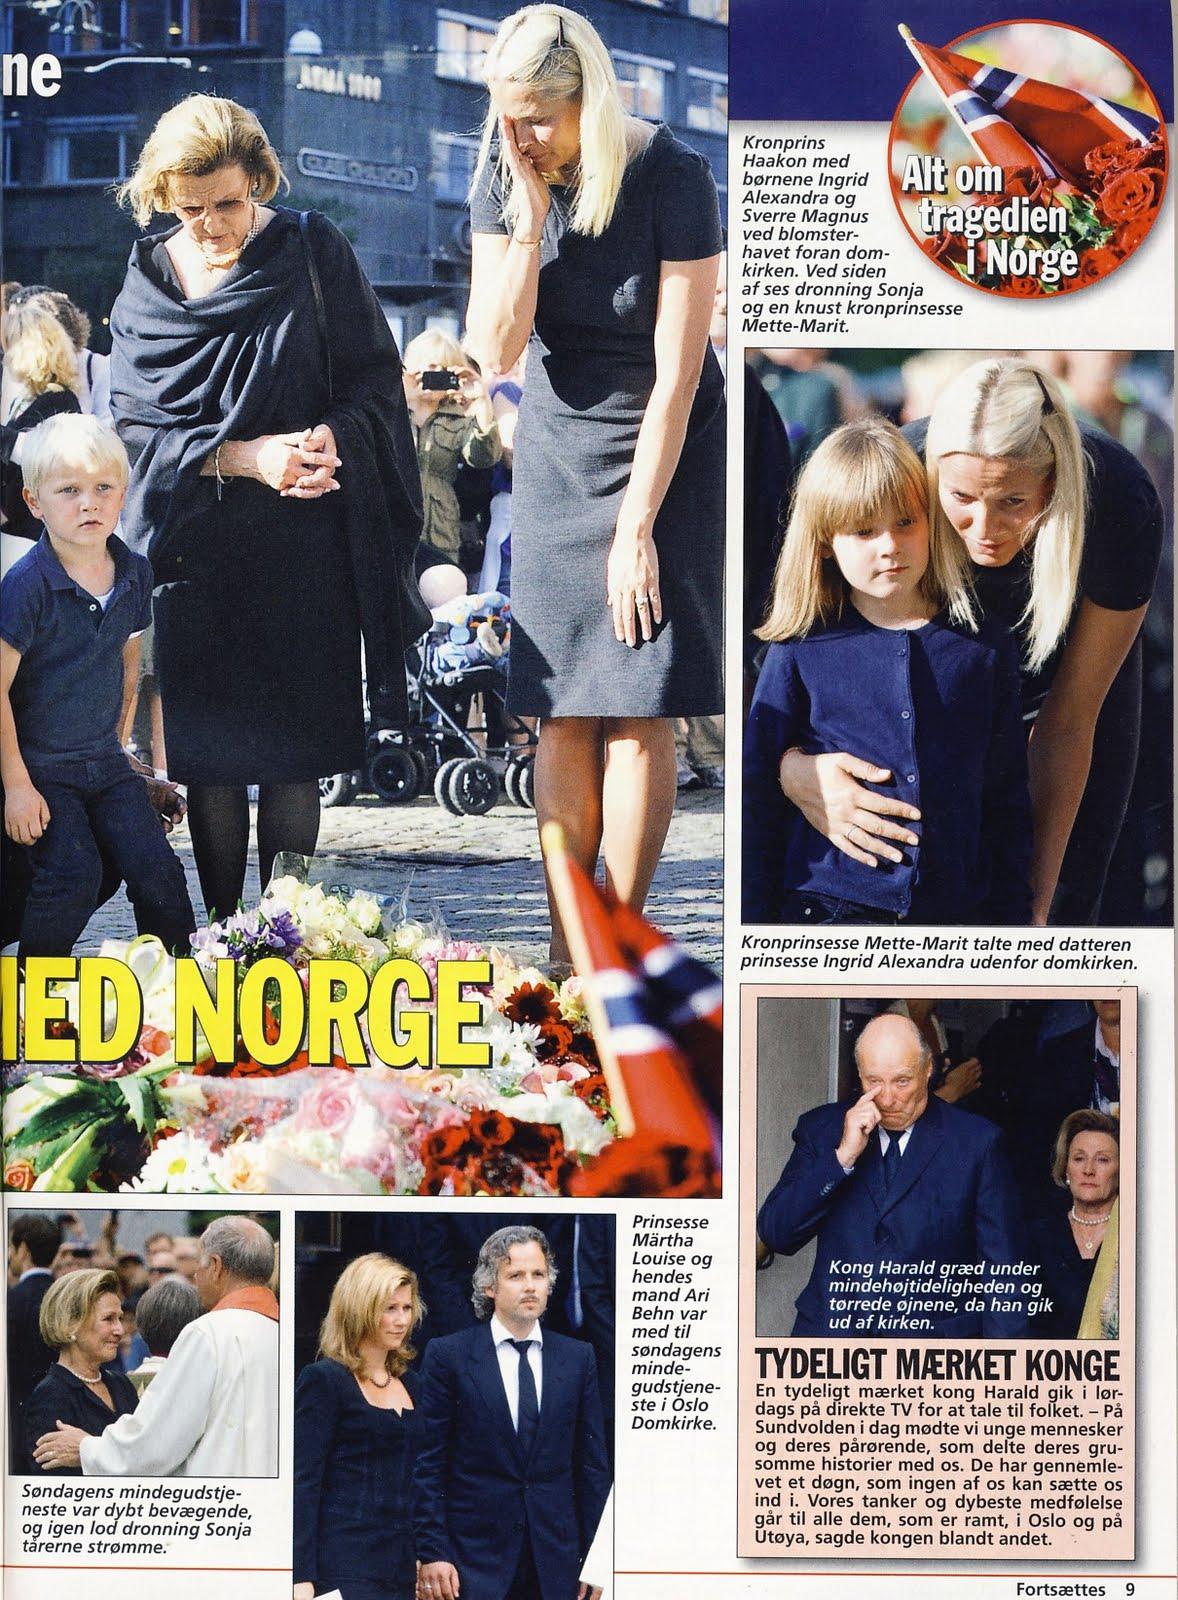 dronning af norge